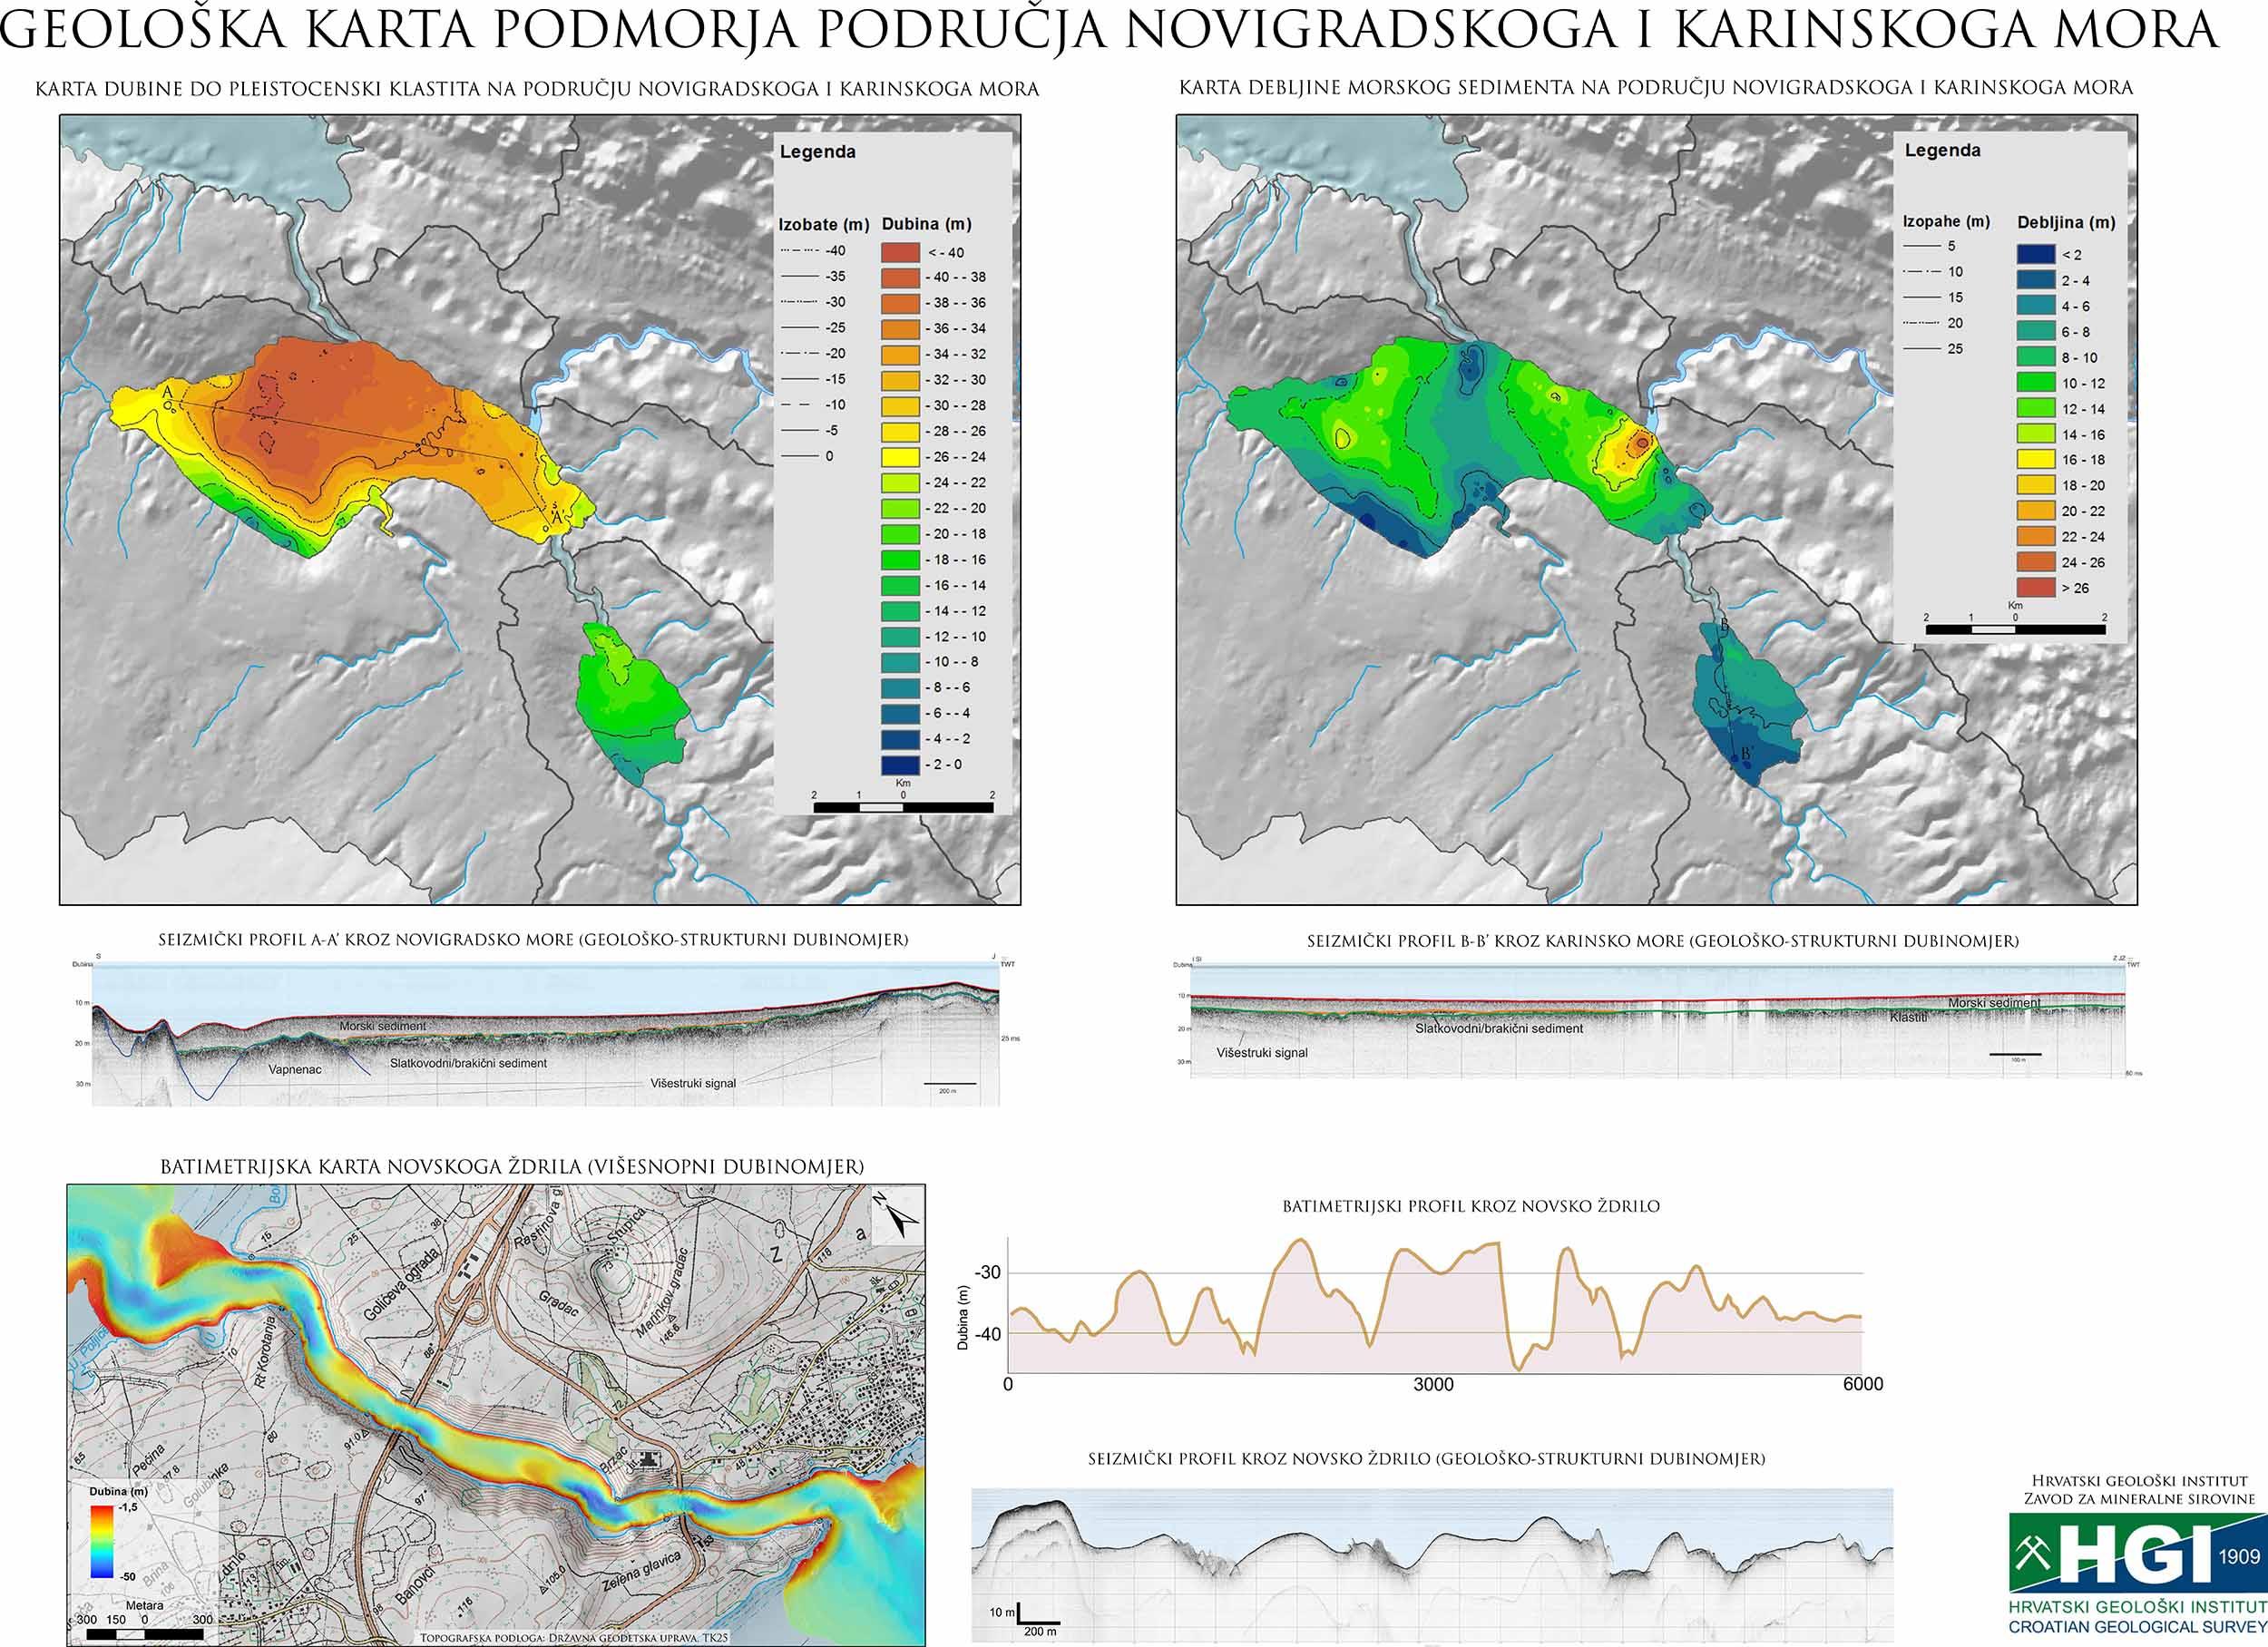 Geološka karta podmorja Novigradsko more